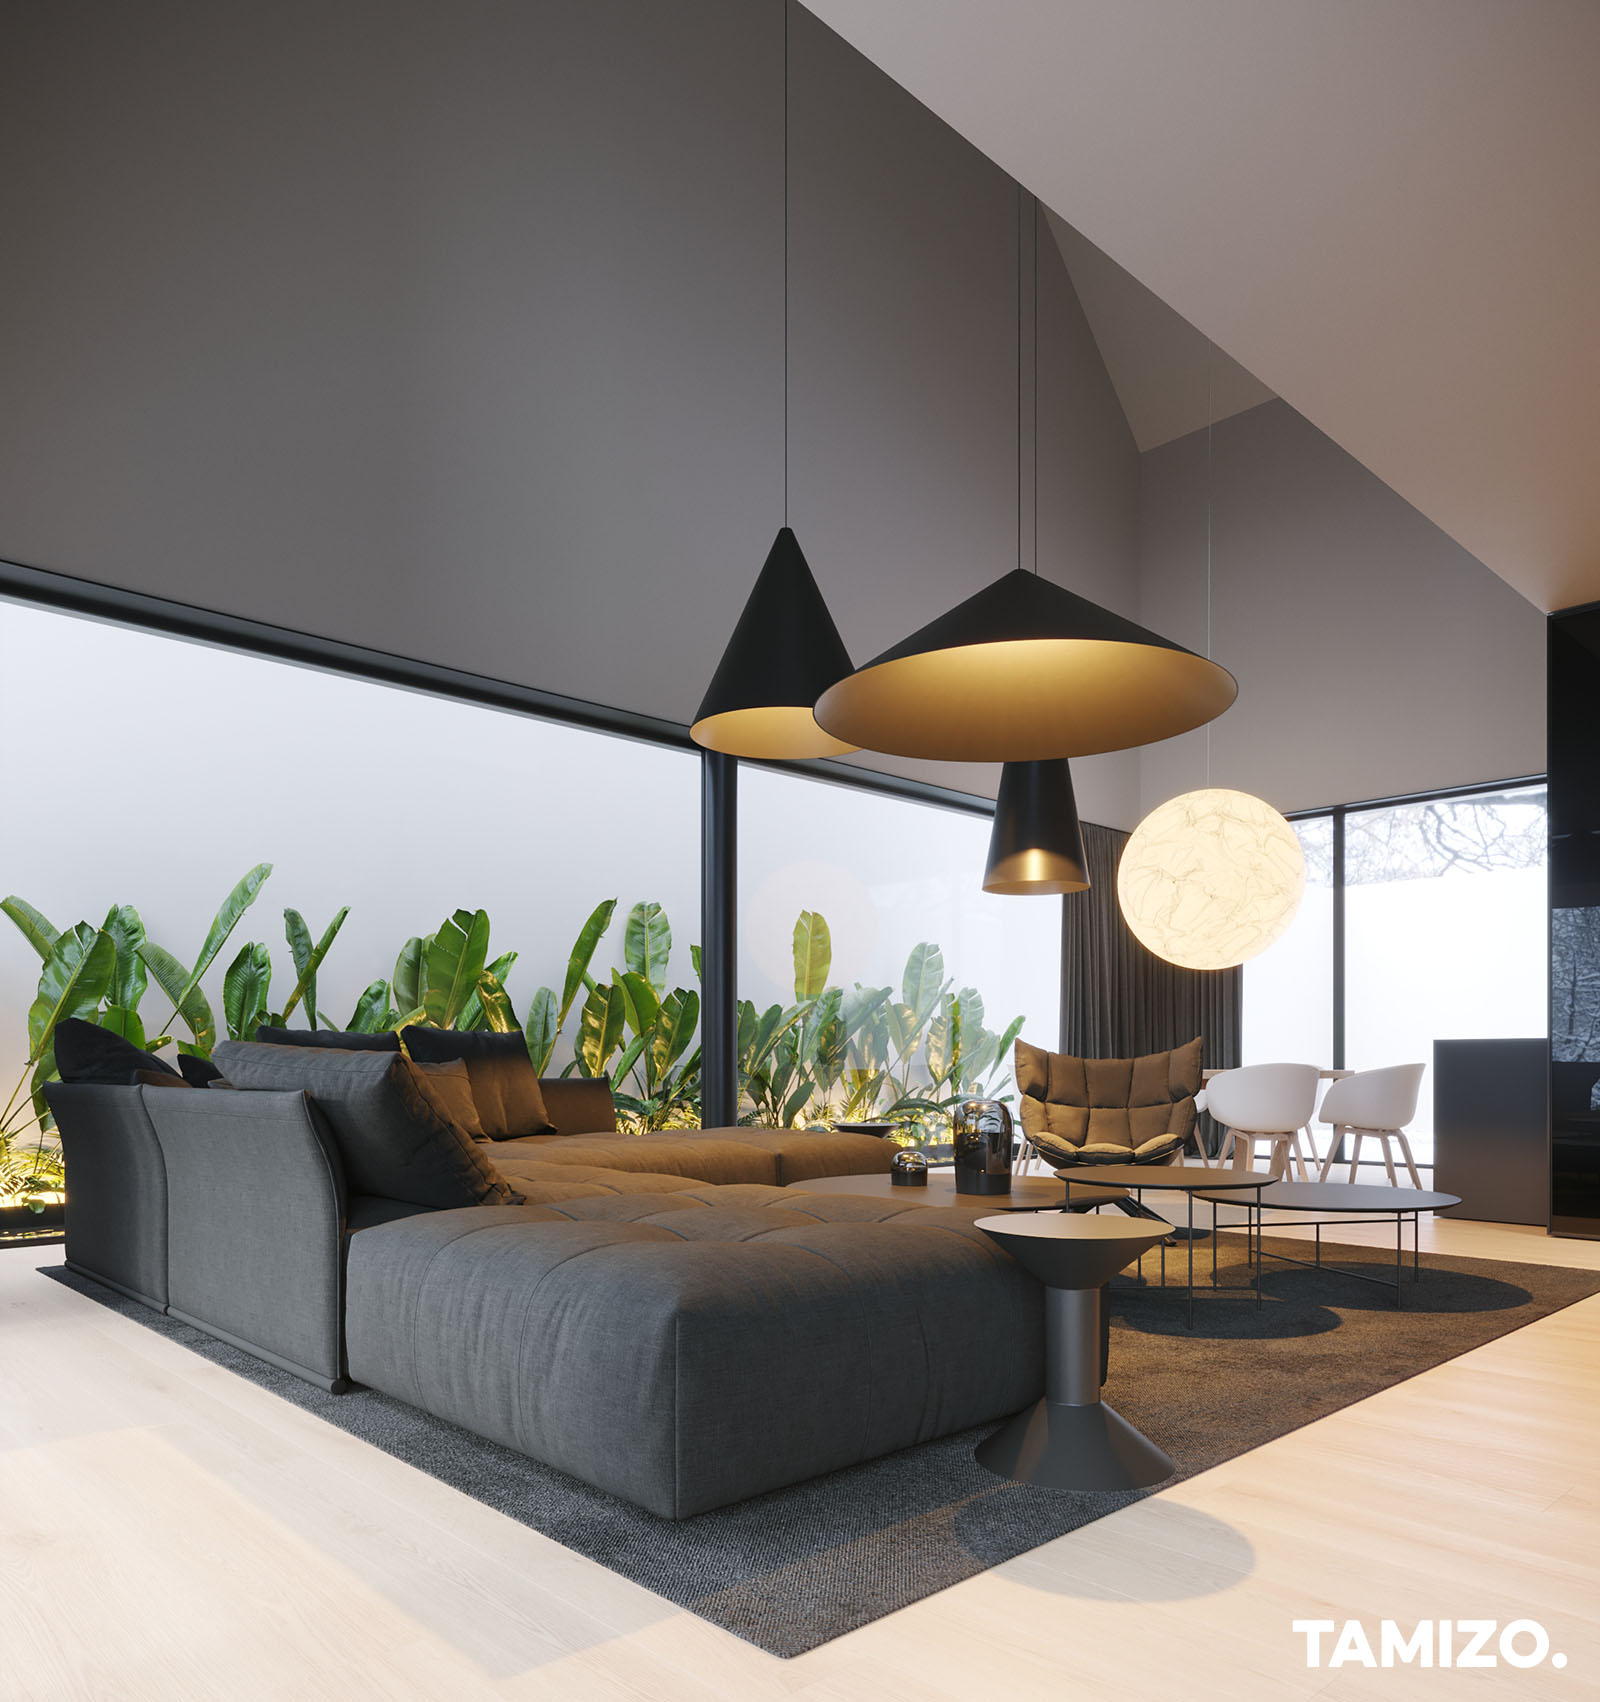 I089_tamizo_architects_projekt-wnetrz-interior-design-dom-minimal-house-gorzow-wielkopolski-07